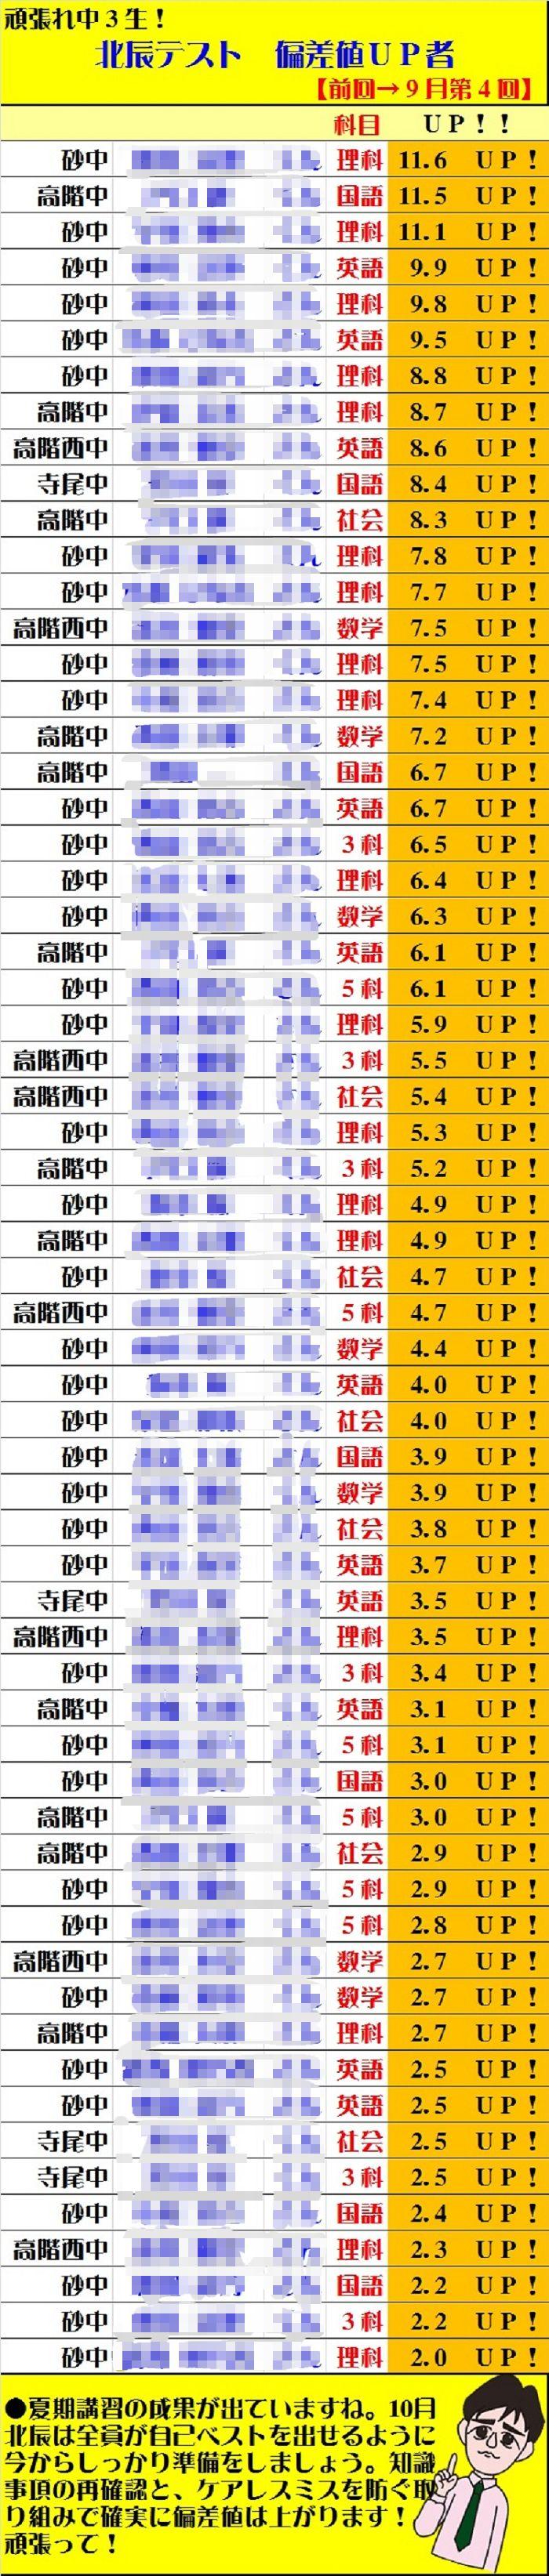 170918%e5%8c%97%e8%be%b0up